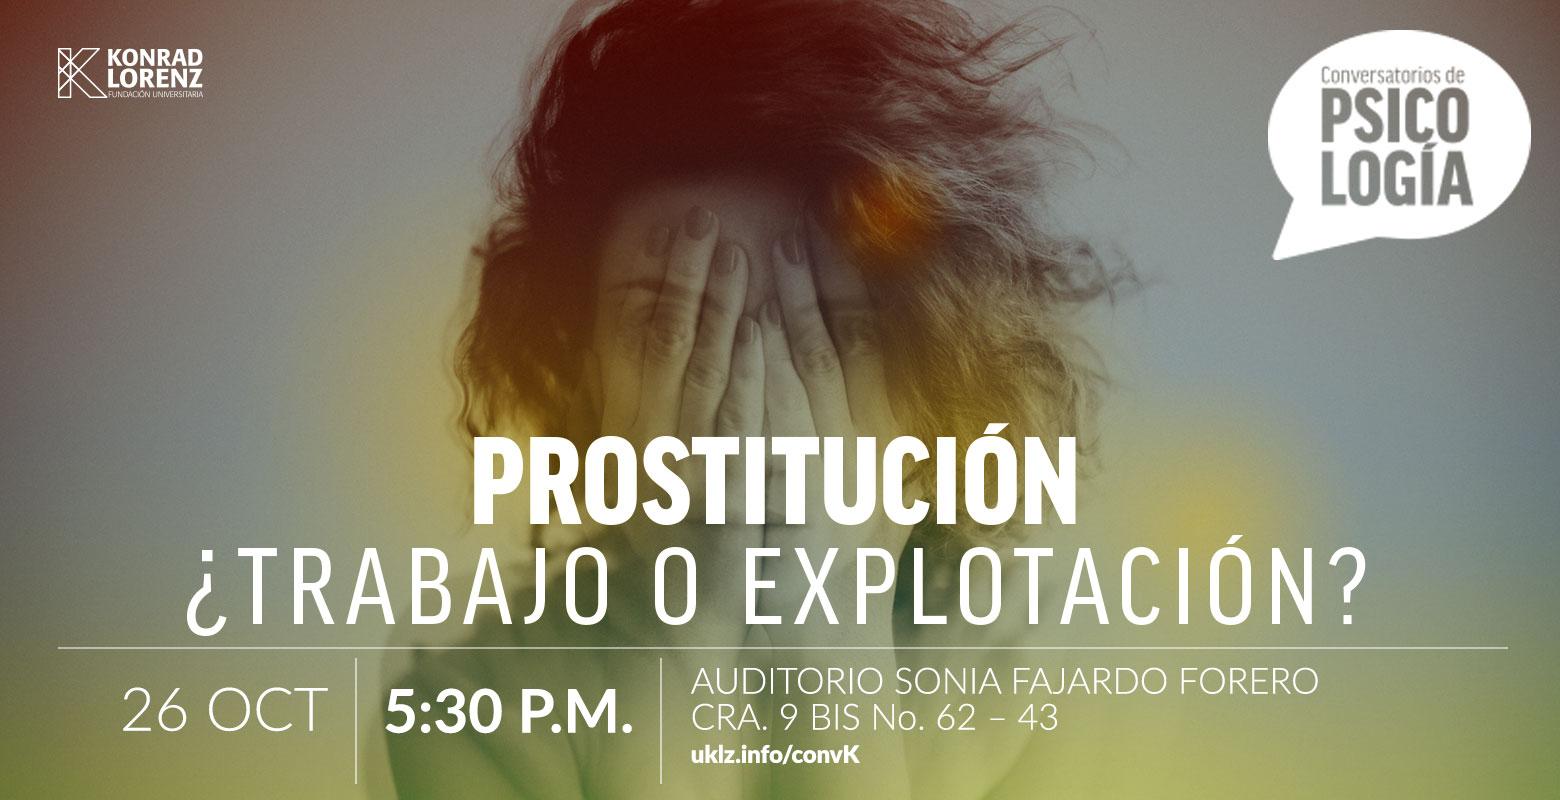 Conversatorio: Prostitución, ¿trabajo o explotación?